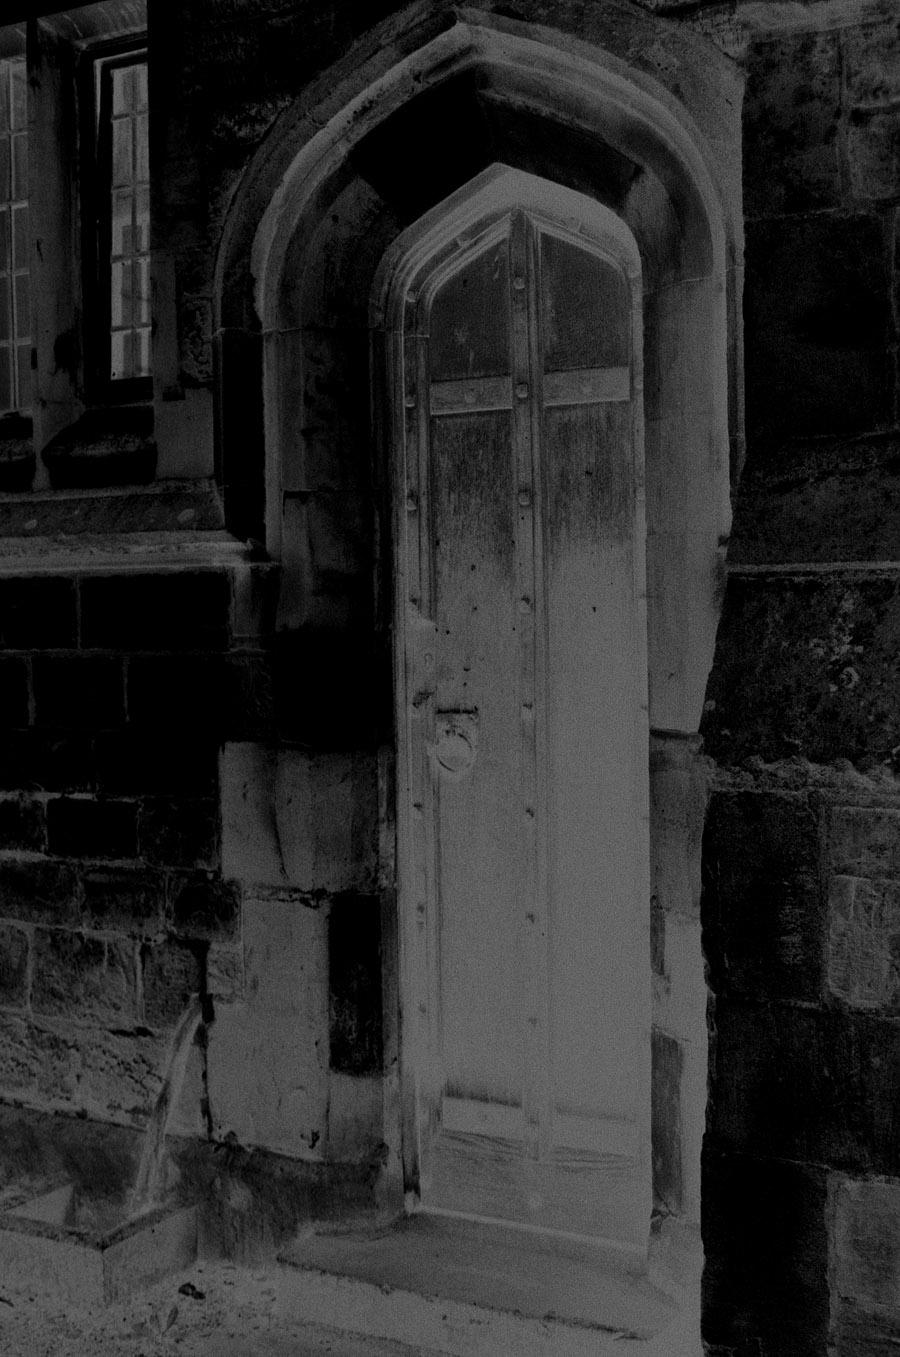 spooky door by Gabriella-Fraser spooky door by Gabriella-Fraser & spooky door by Gabriella-Fraser on DeviantArt pezcame.com